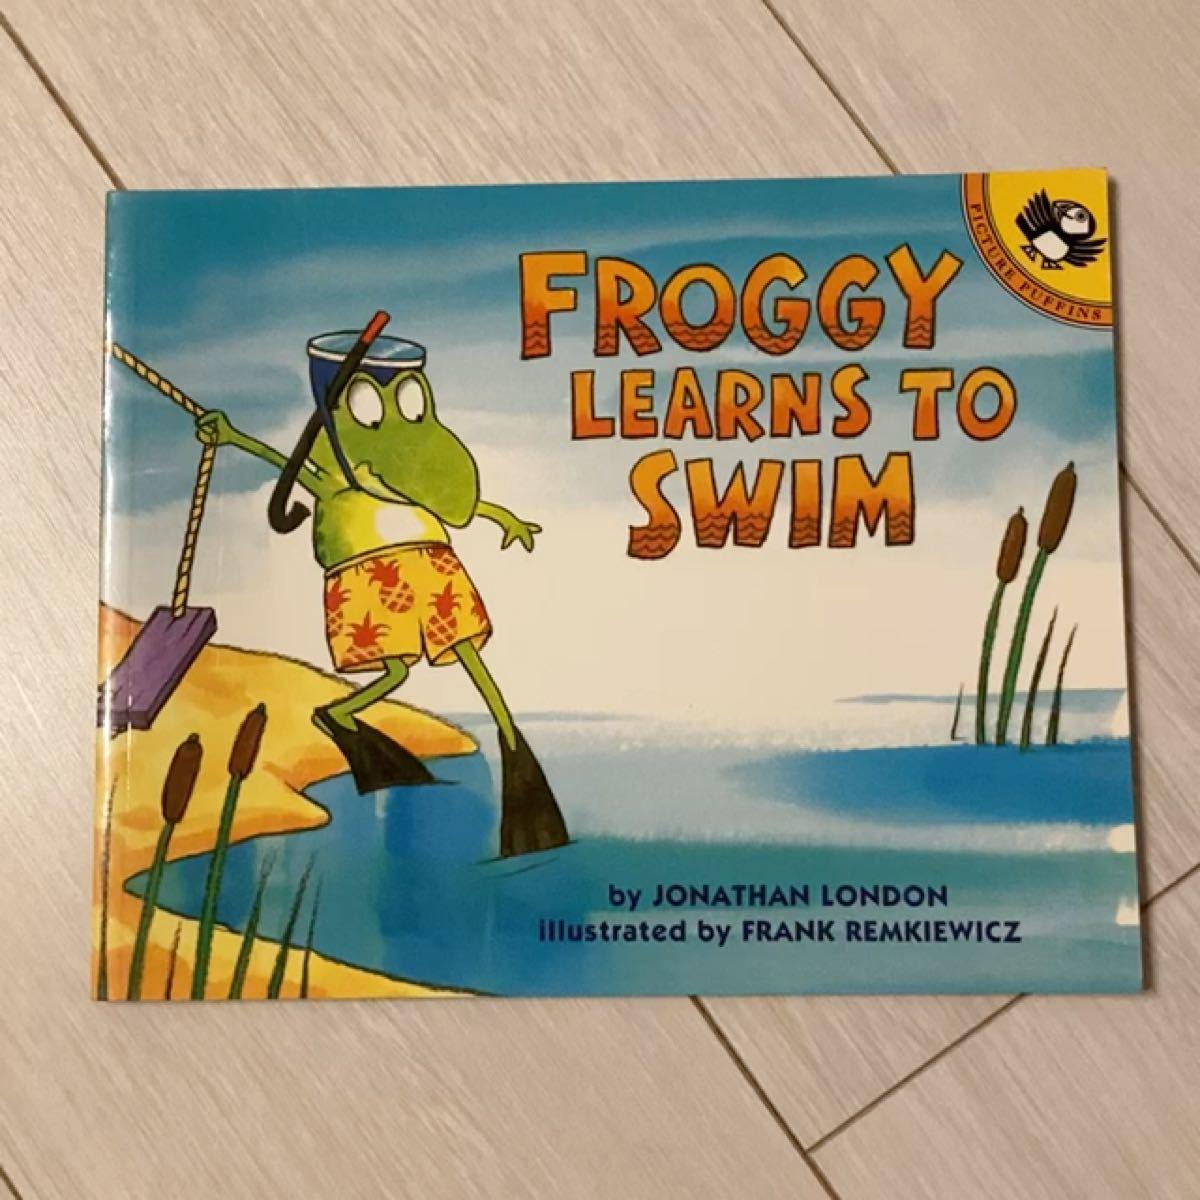 【英語絵本】Froggy learns to swim